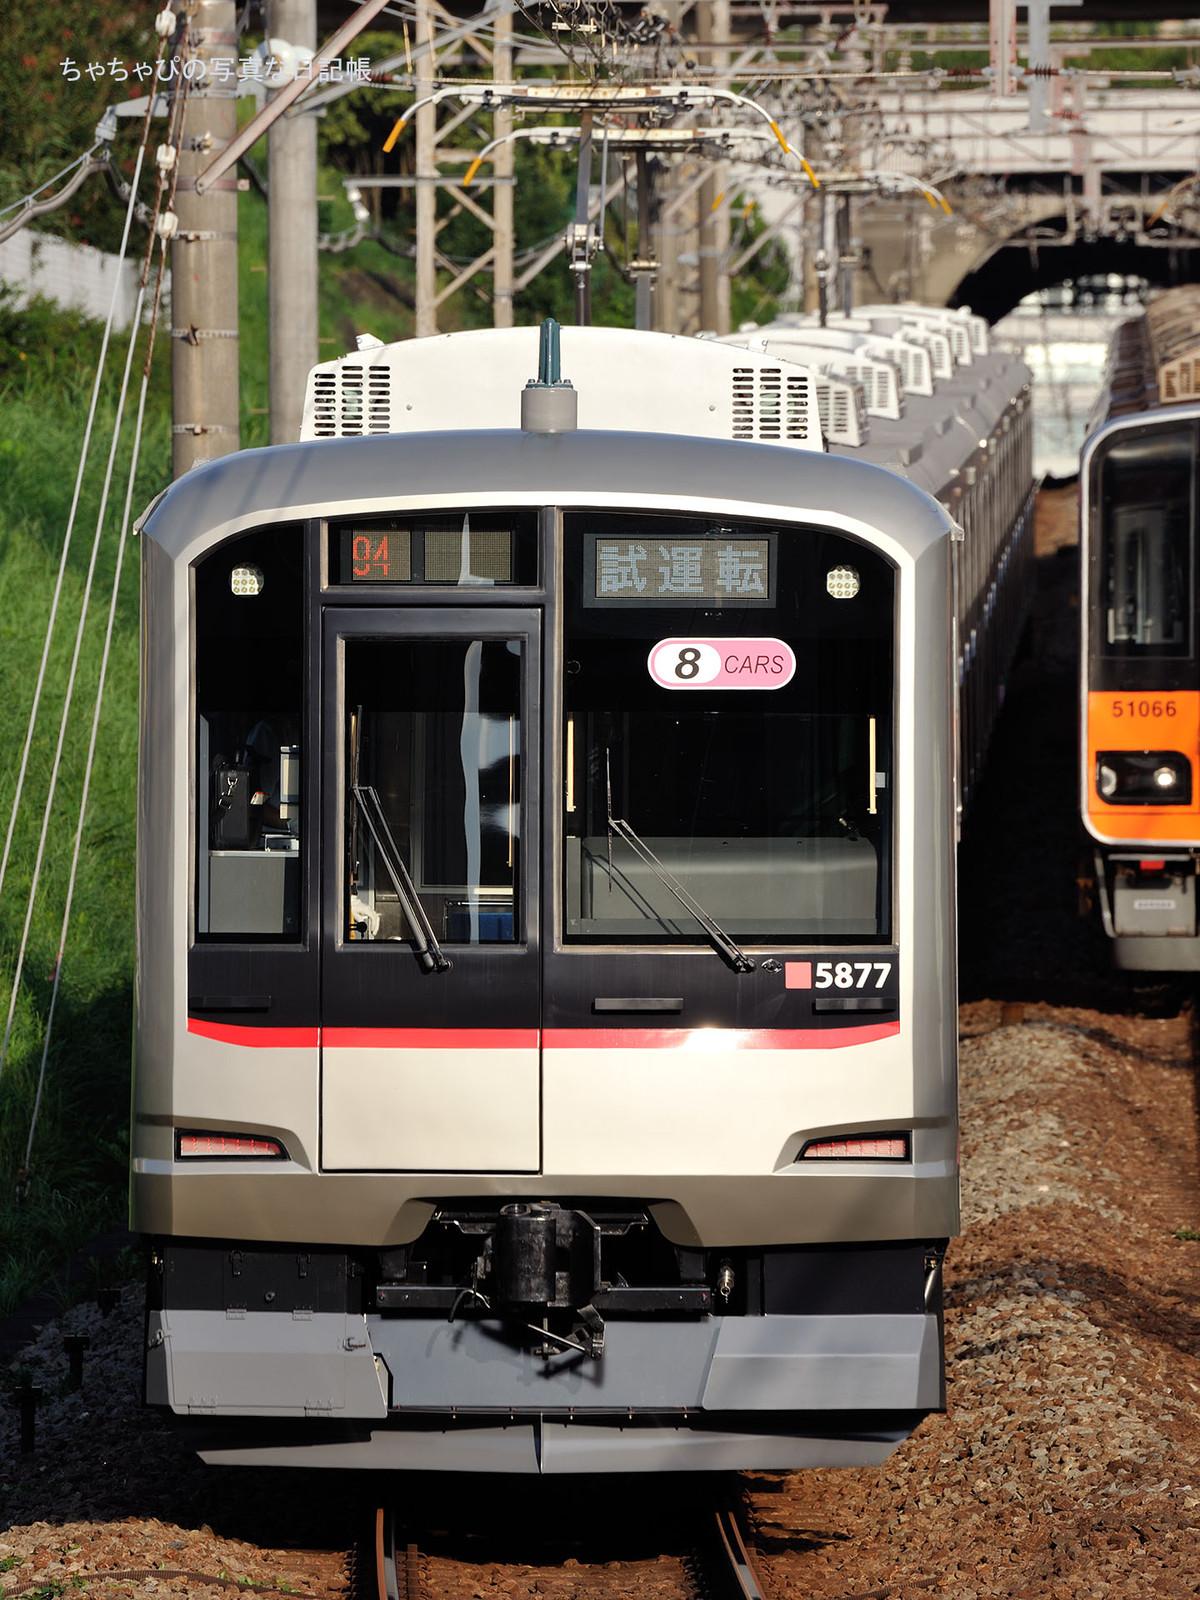 東急田園都市線 たまプラーザ駅 5050系 試運転 -94ゥ 5177F-